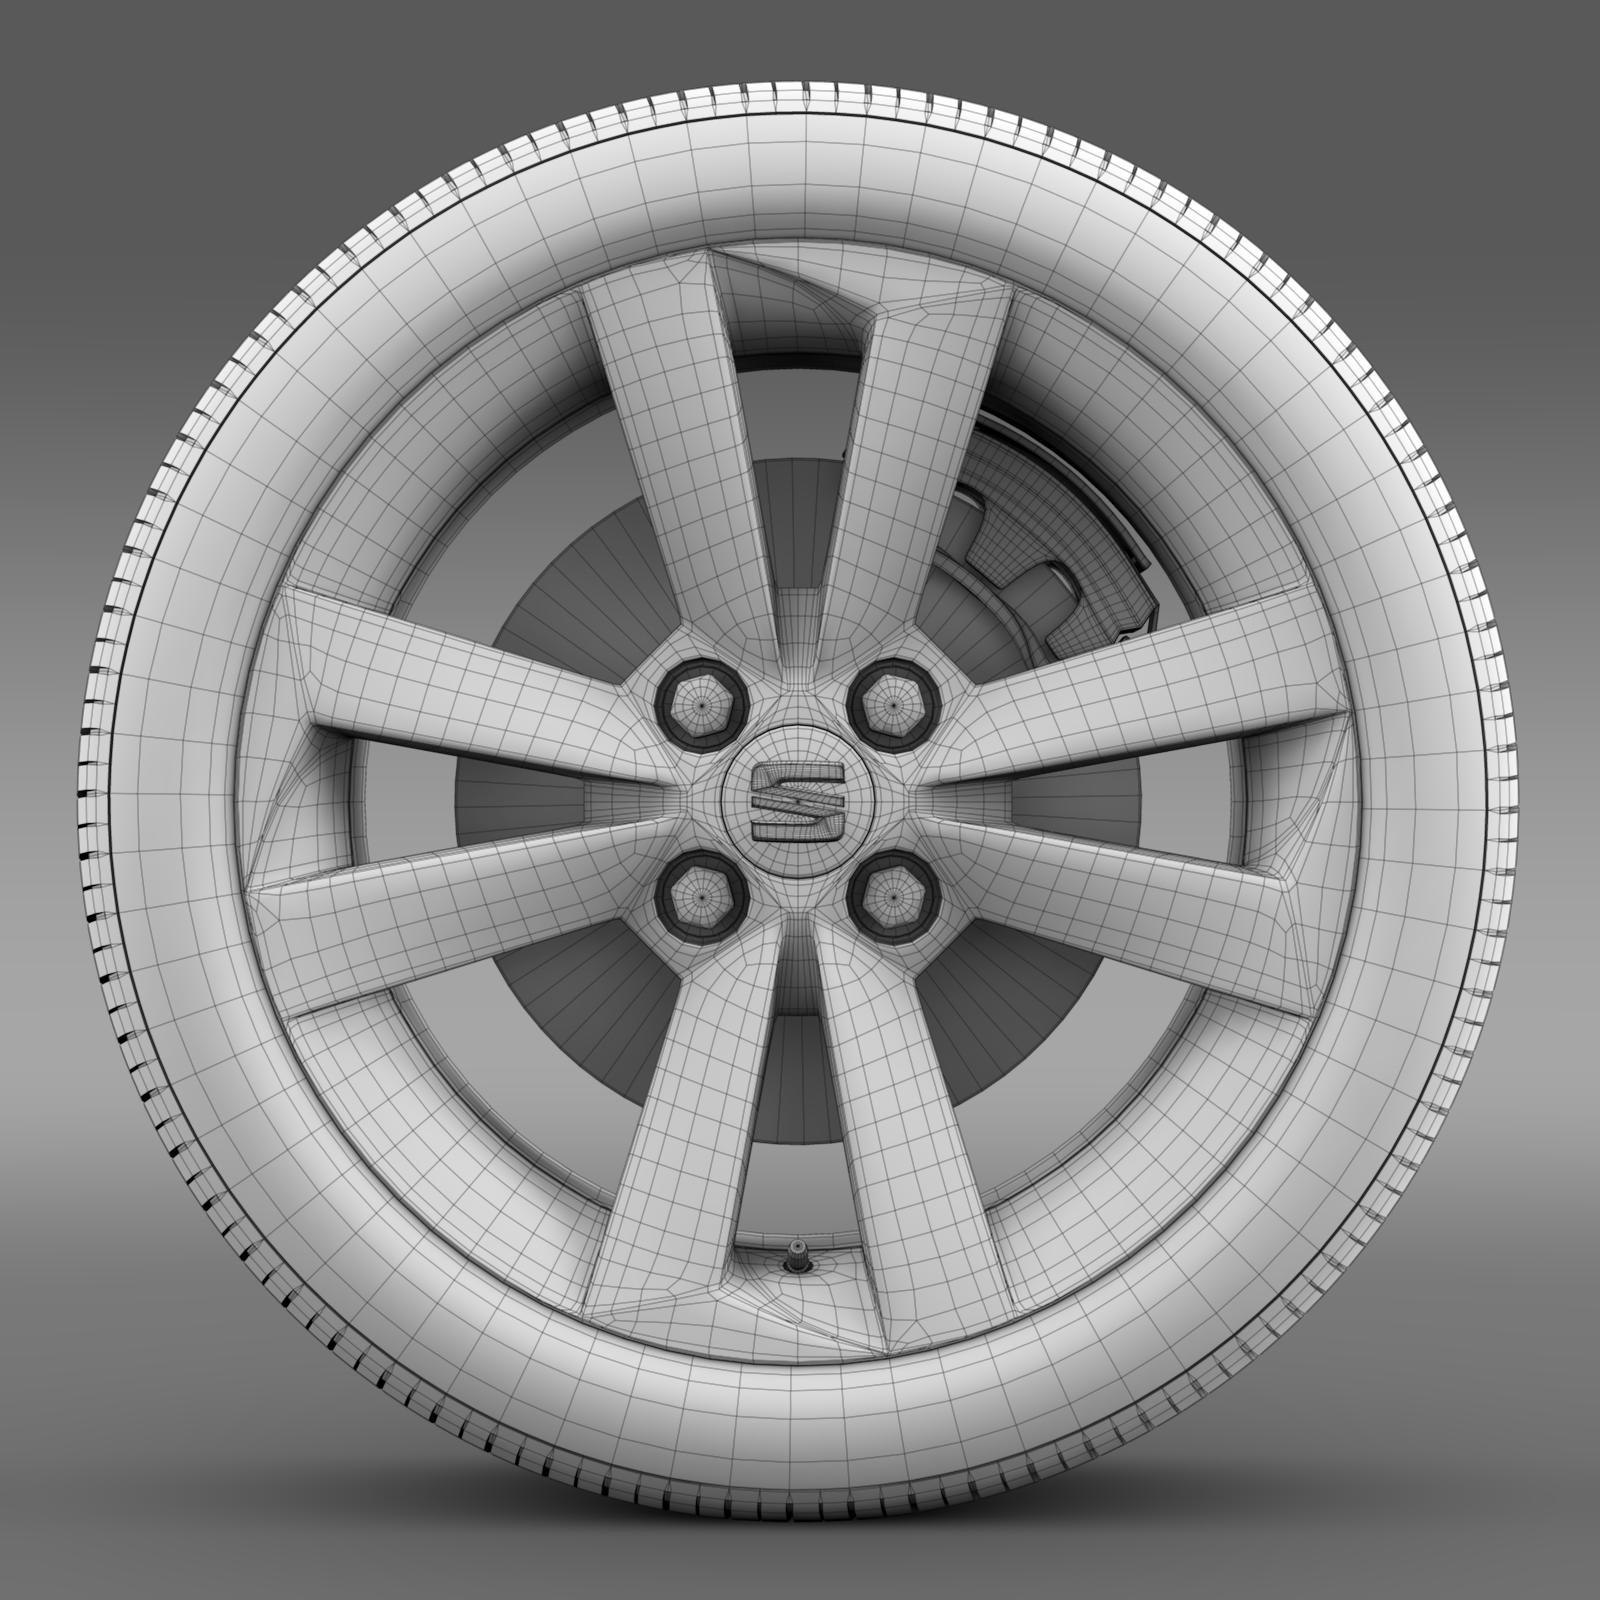 seat mii vibora negra wheel 3d model 3ds max fbx c4d lwo ma mb hrc xsi obj 210851